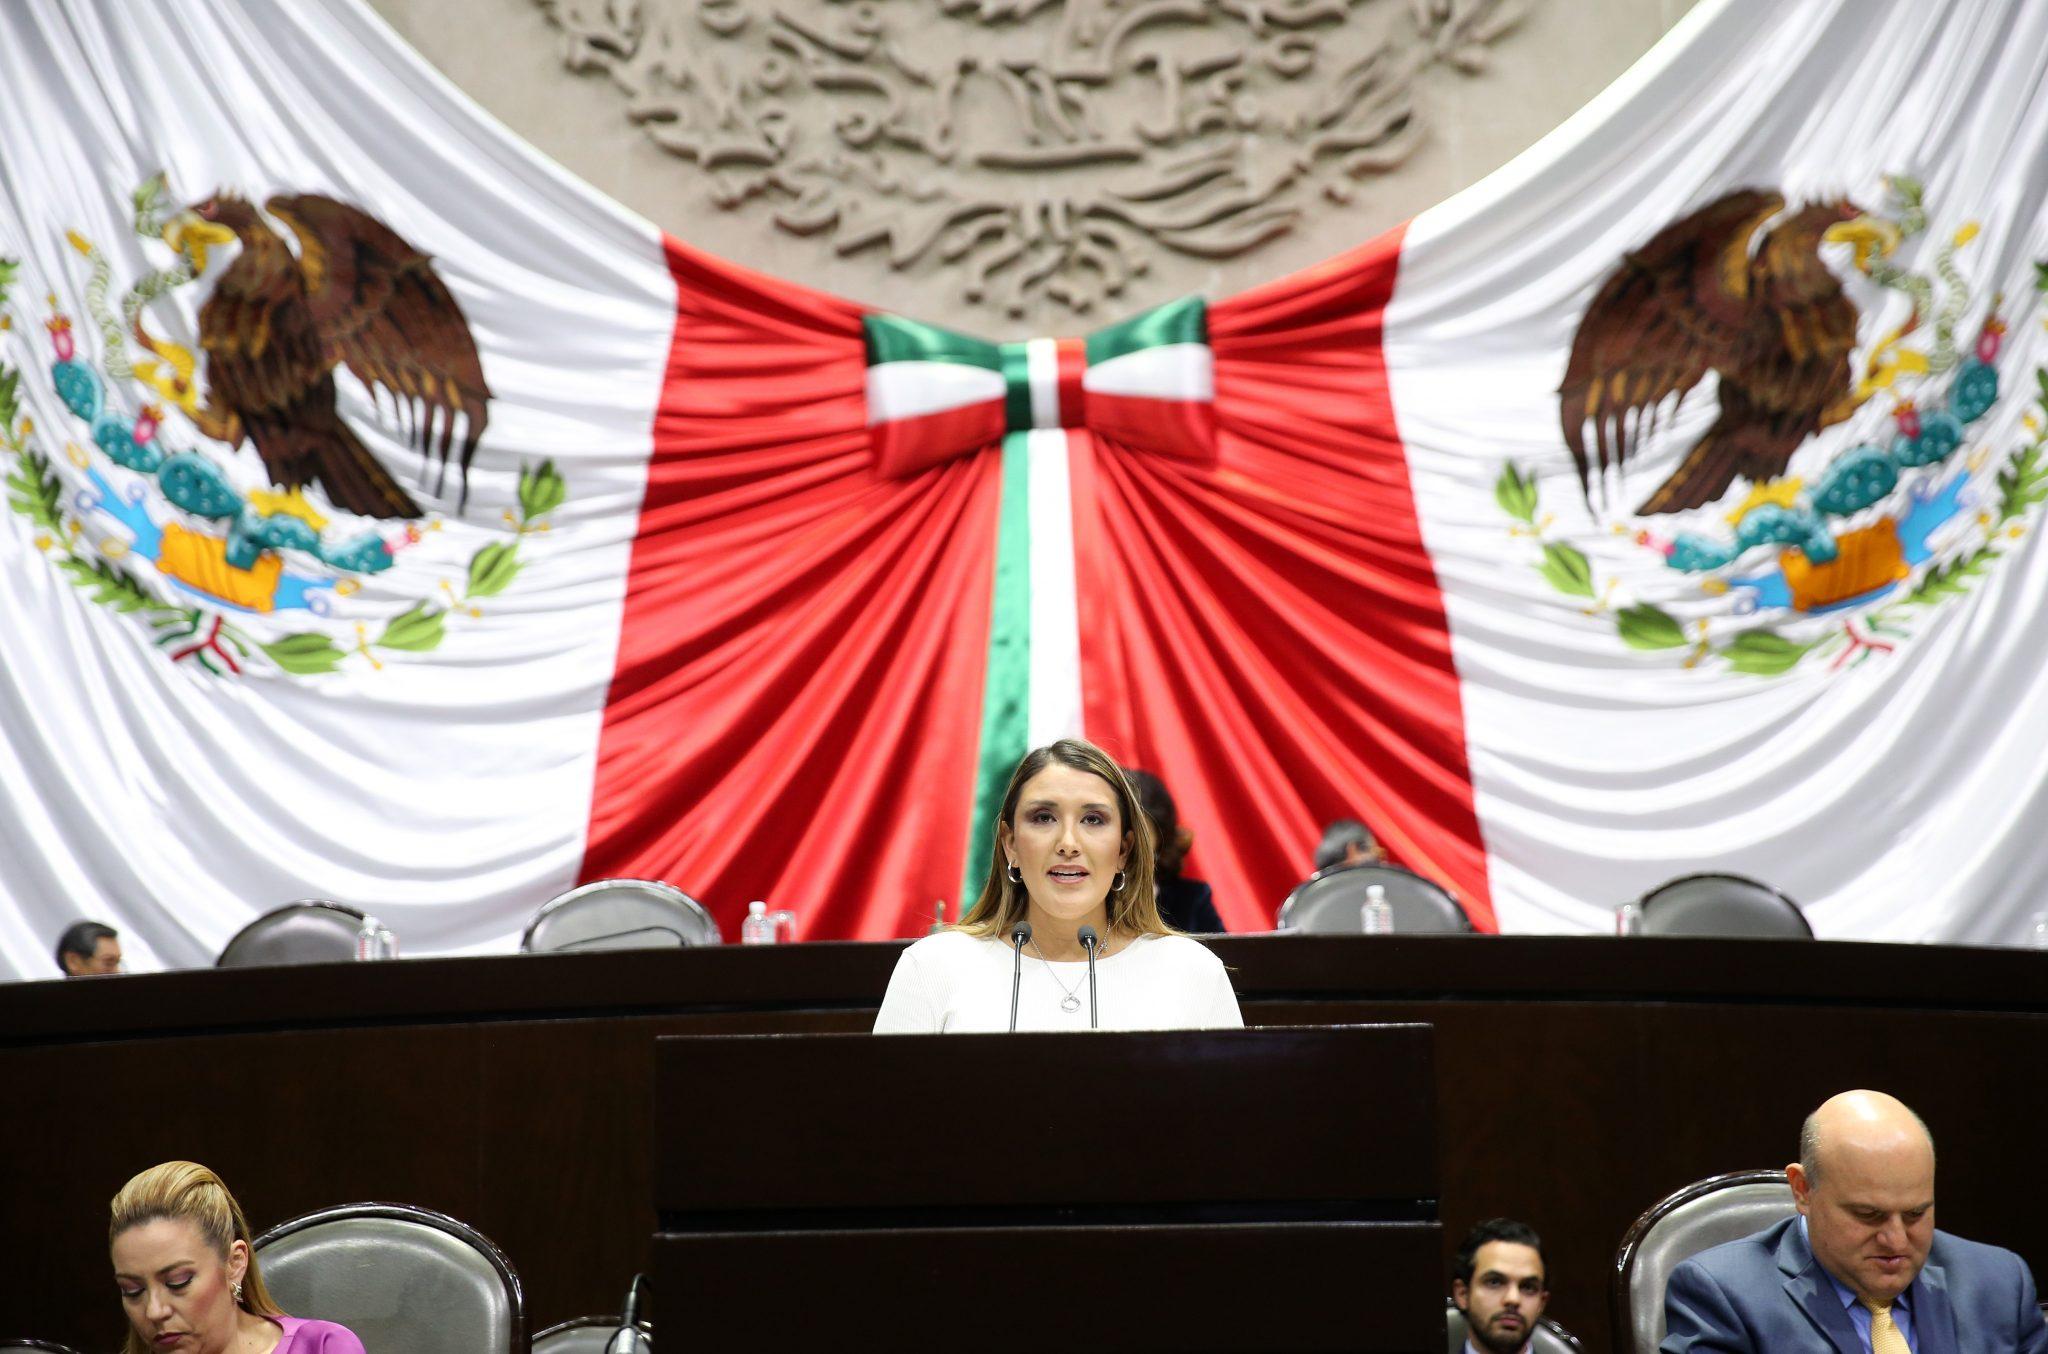 Olga Esquivel Hernández, diputada federal por el Estado de México, aseguró a nombre del Grupo Parlamentario del PRI, que con la aprobación del dictamen por el que la Cámara de Diputados reformó la Ley de Planeación se orienta al diseño de los modelos de desarrollo con un enfoque que busca resultados y una perspectiva de largo plazo